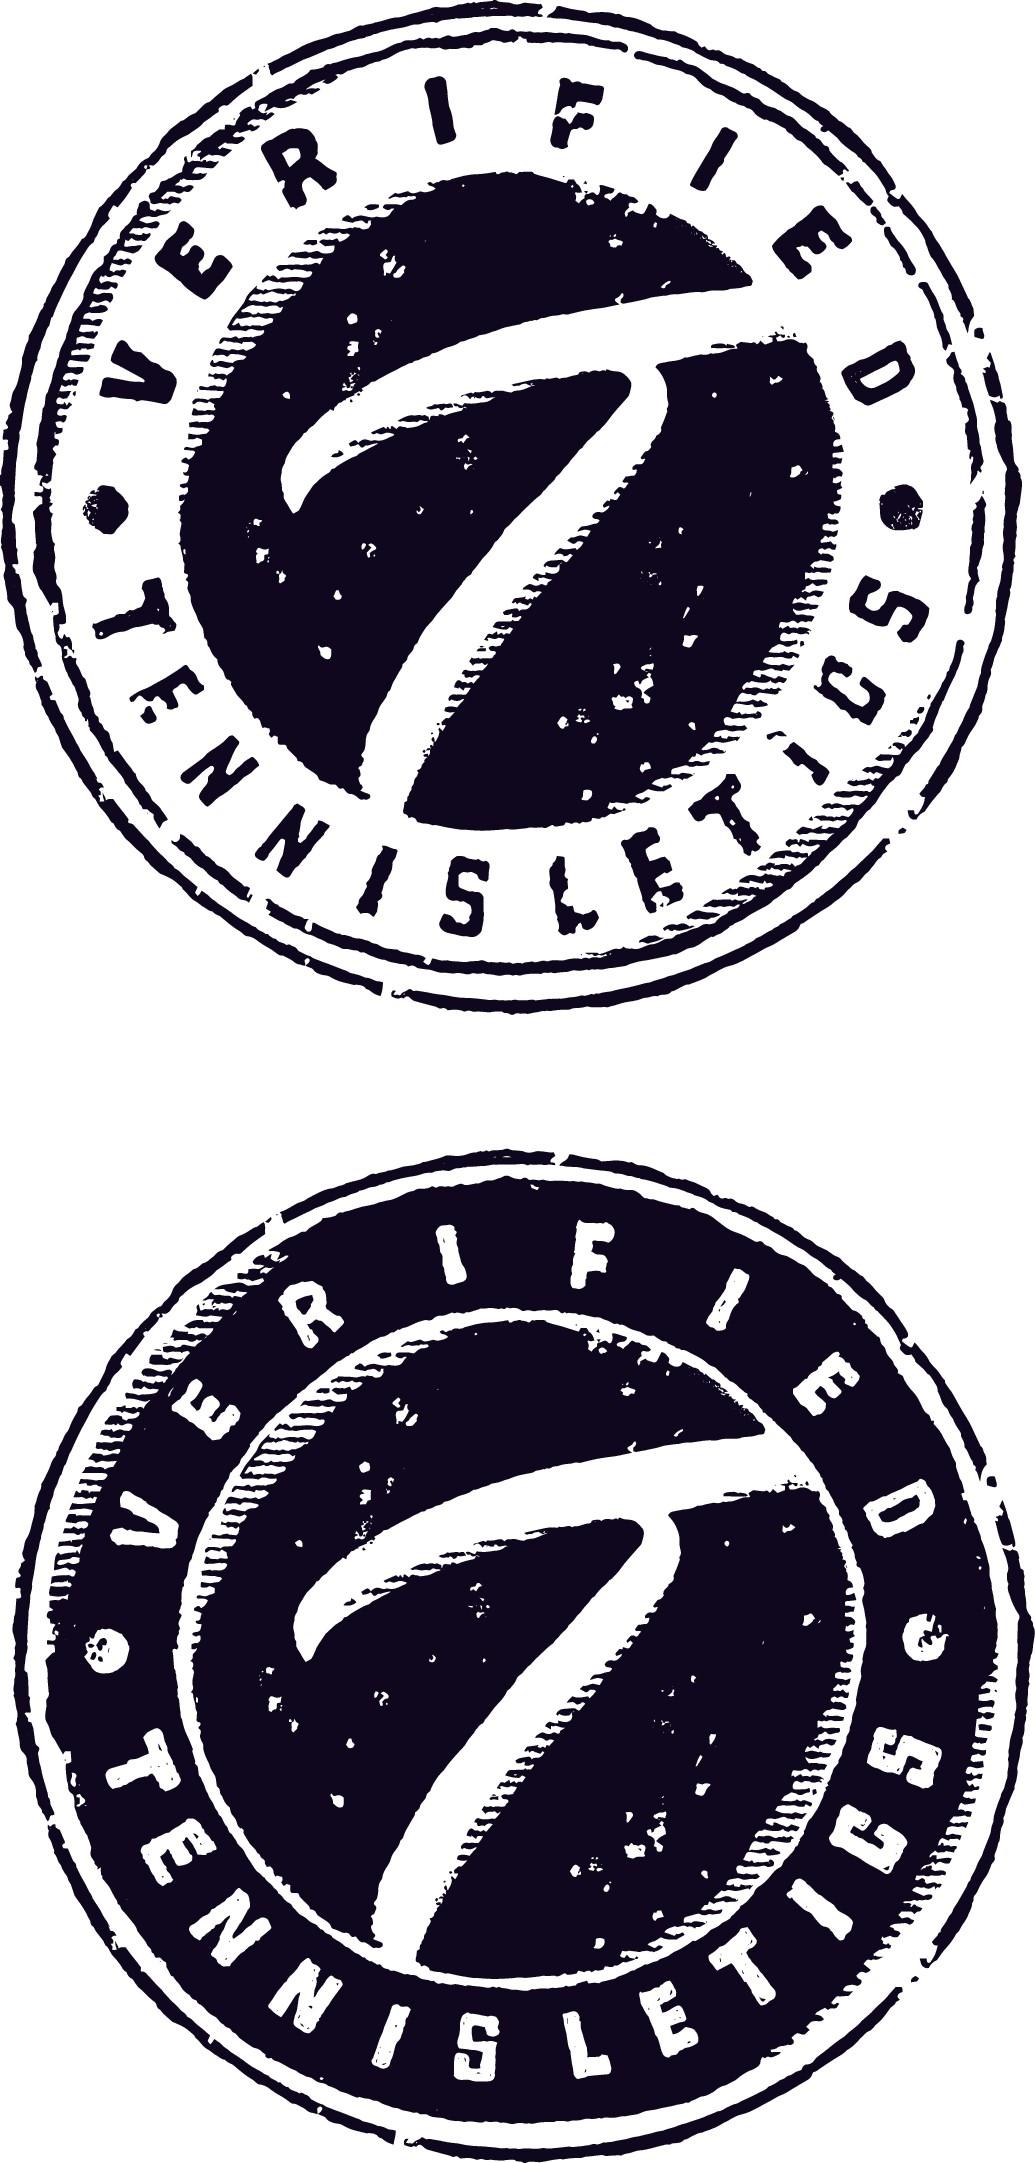 Tennisletics verified